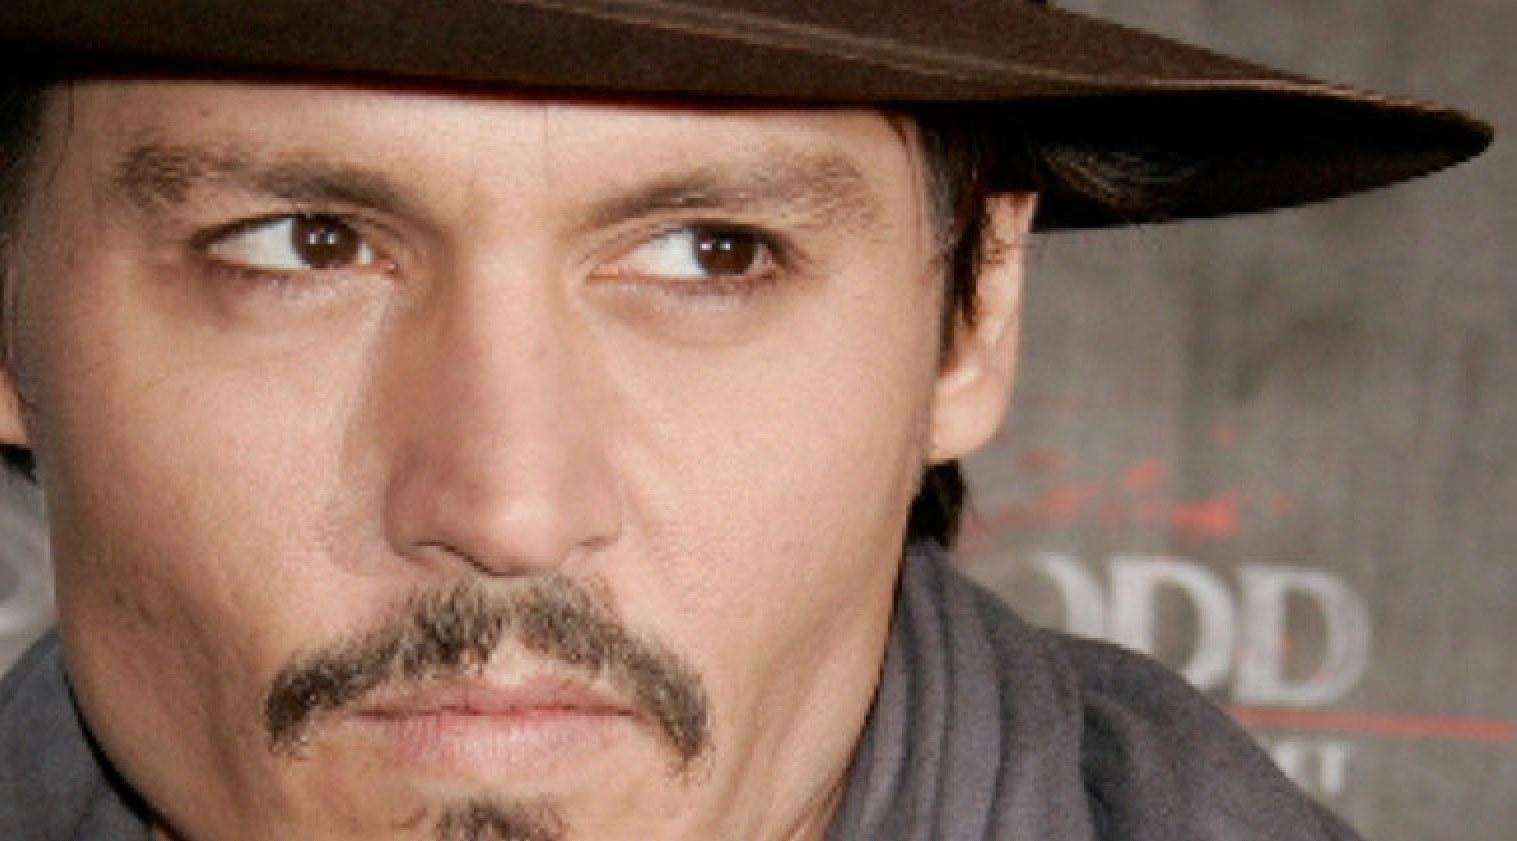 9 de junho - Johnny Depp - ator norte-americano.jpg (Moderado)